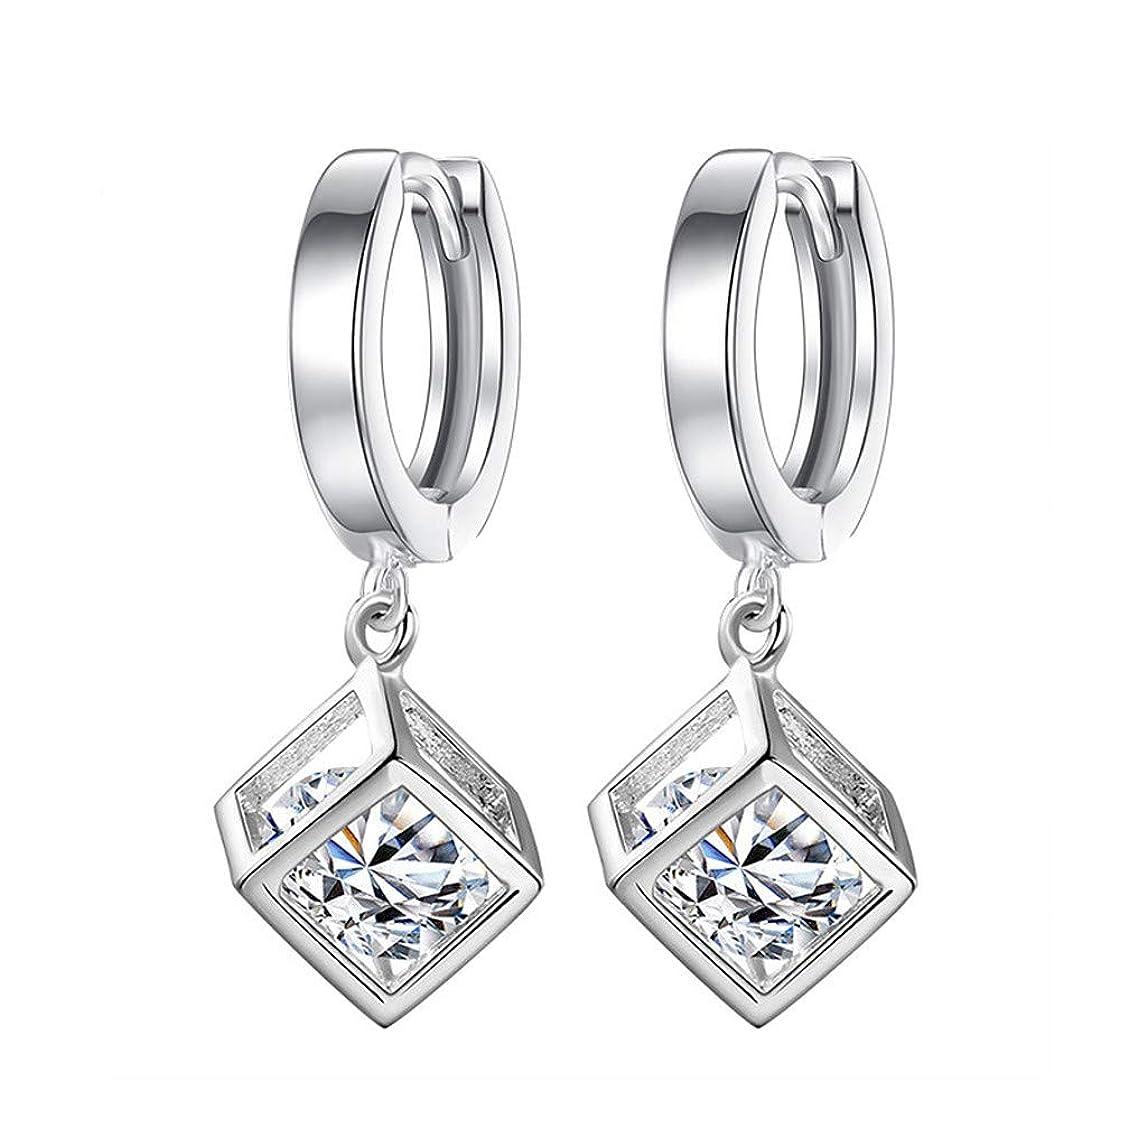 クライストチャーチ影響を受けやすいですエーカーNicircle ファッション気質の女性キュービックジルコンの耳クリップ女性の耳の宝石類 Fashion Temperament Ladies Cubic Zircon Ear Clip Ladies Ear Jewelry